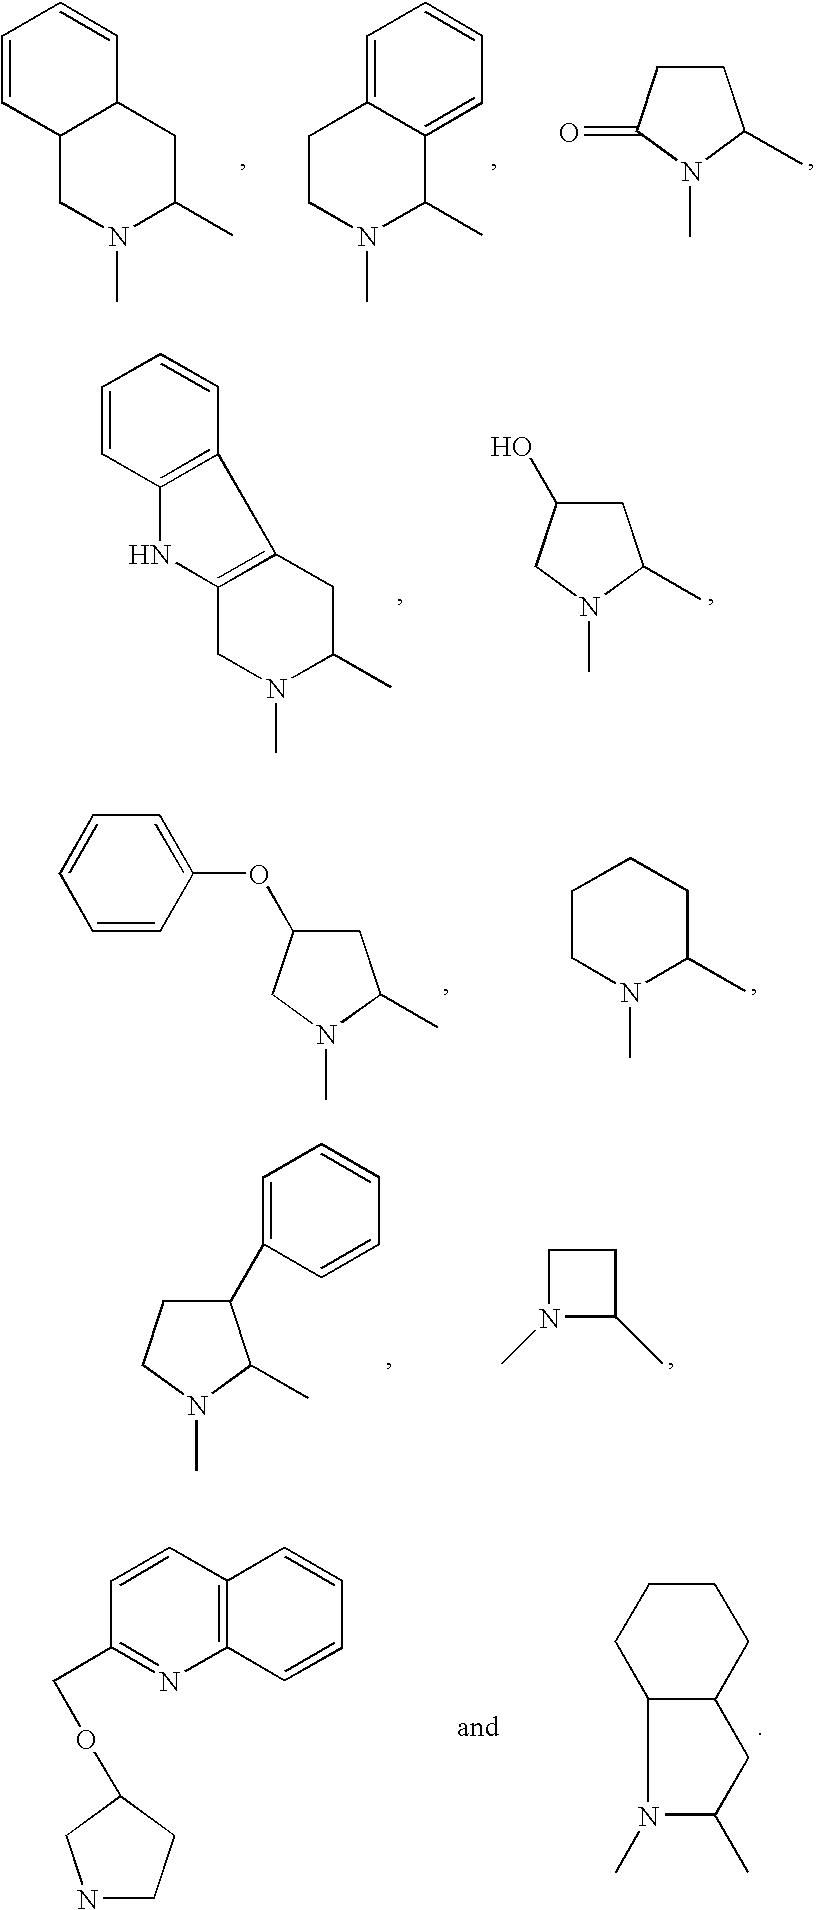 Figure US20060122390A1-20060608-C00007